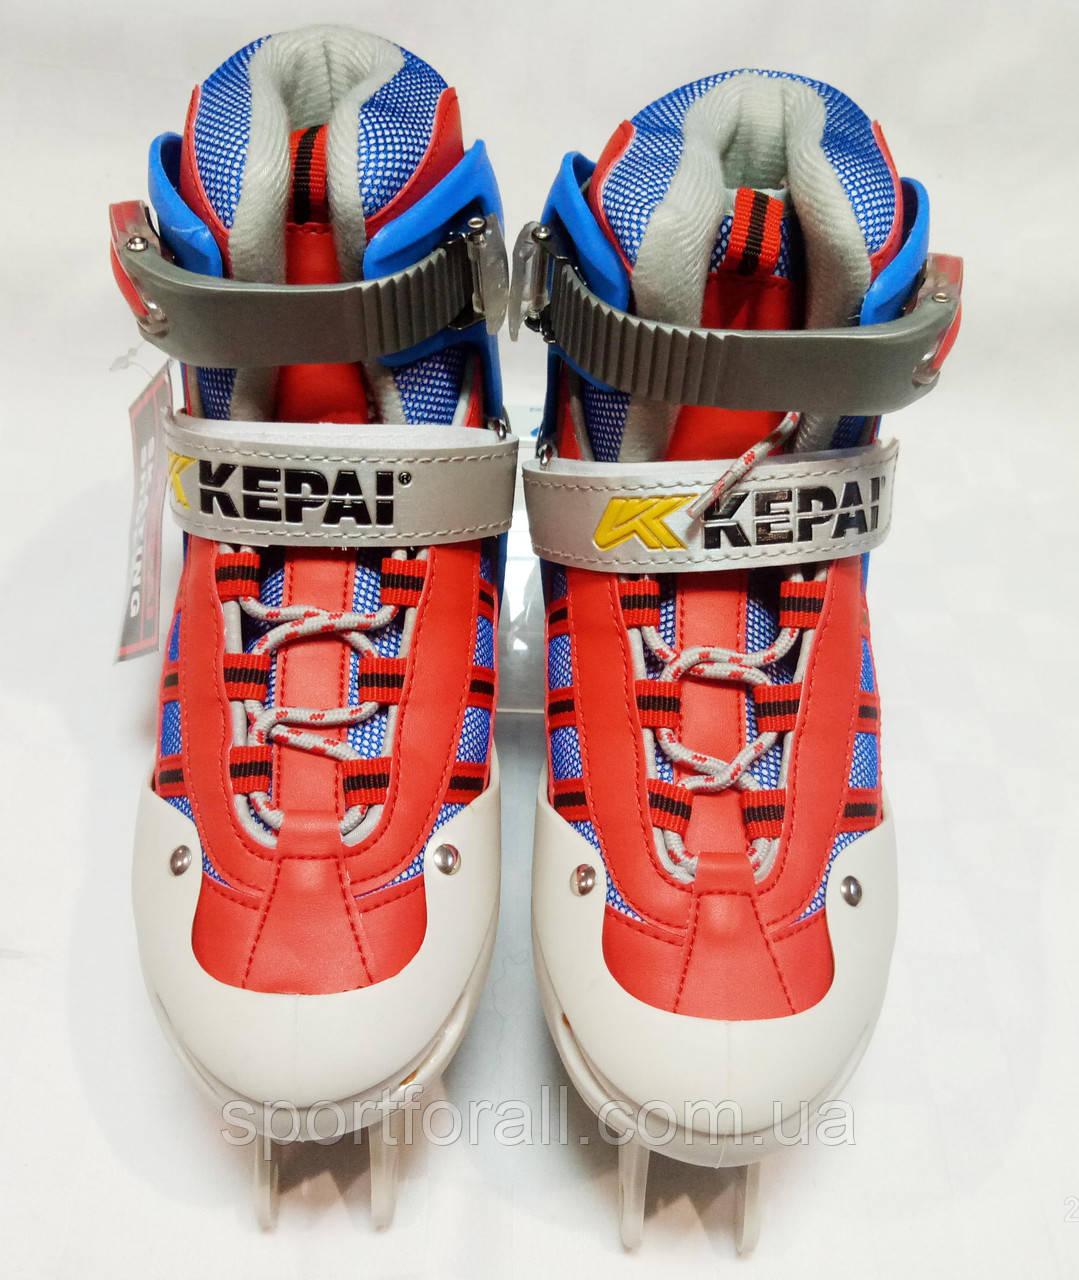 Роликовые коньки раздвижные без колес размер 36-39 KEPAI